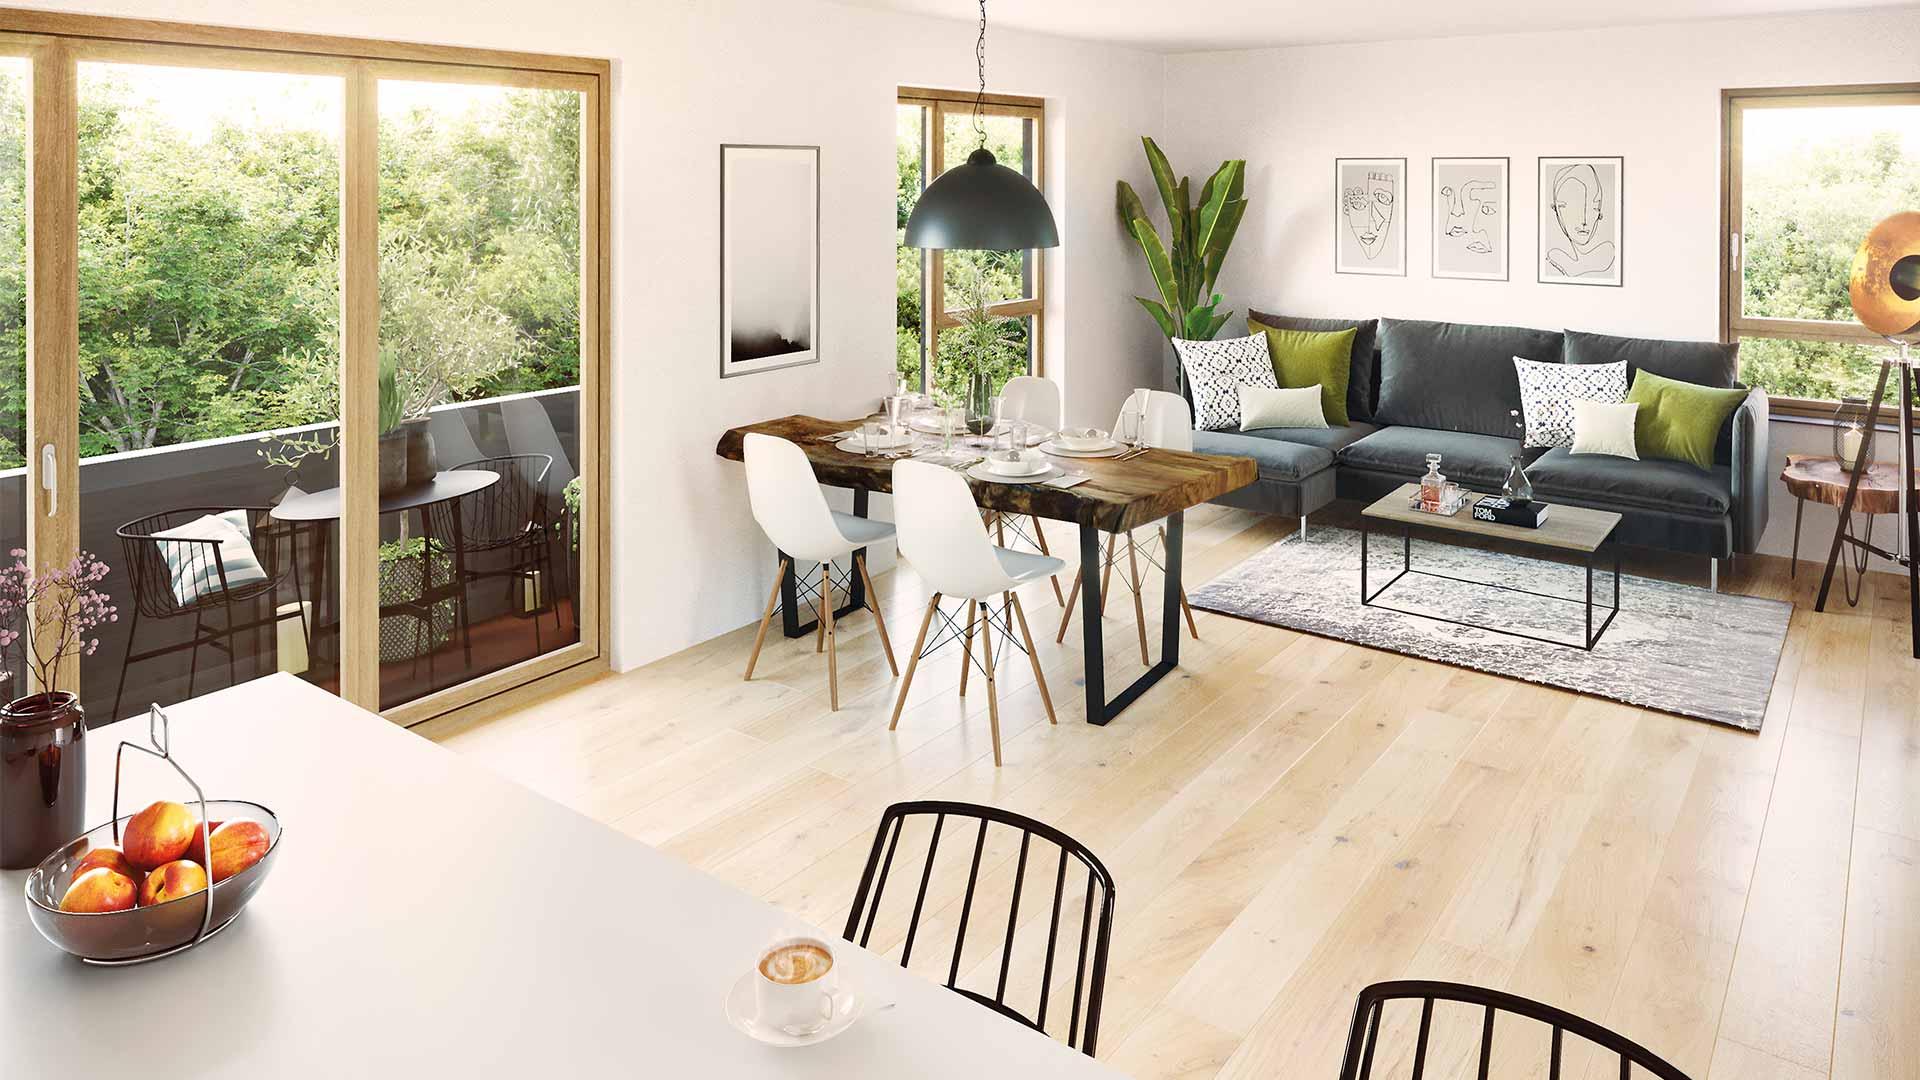 PARK-AVENUE_4_Raum_Visionen_Immobilien_marketing